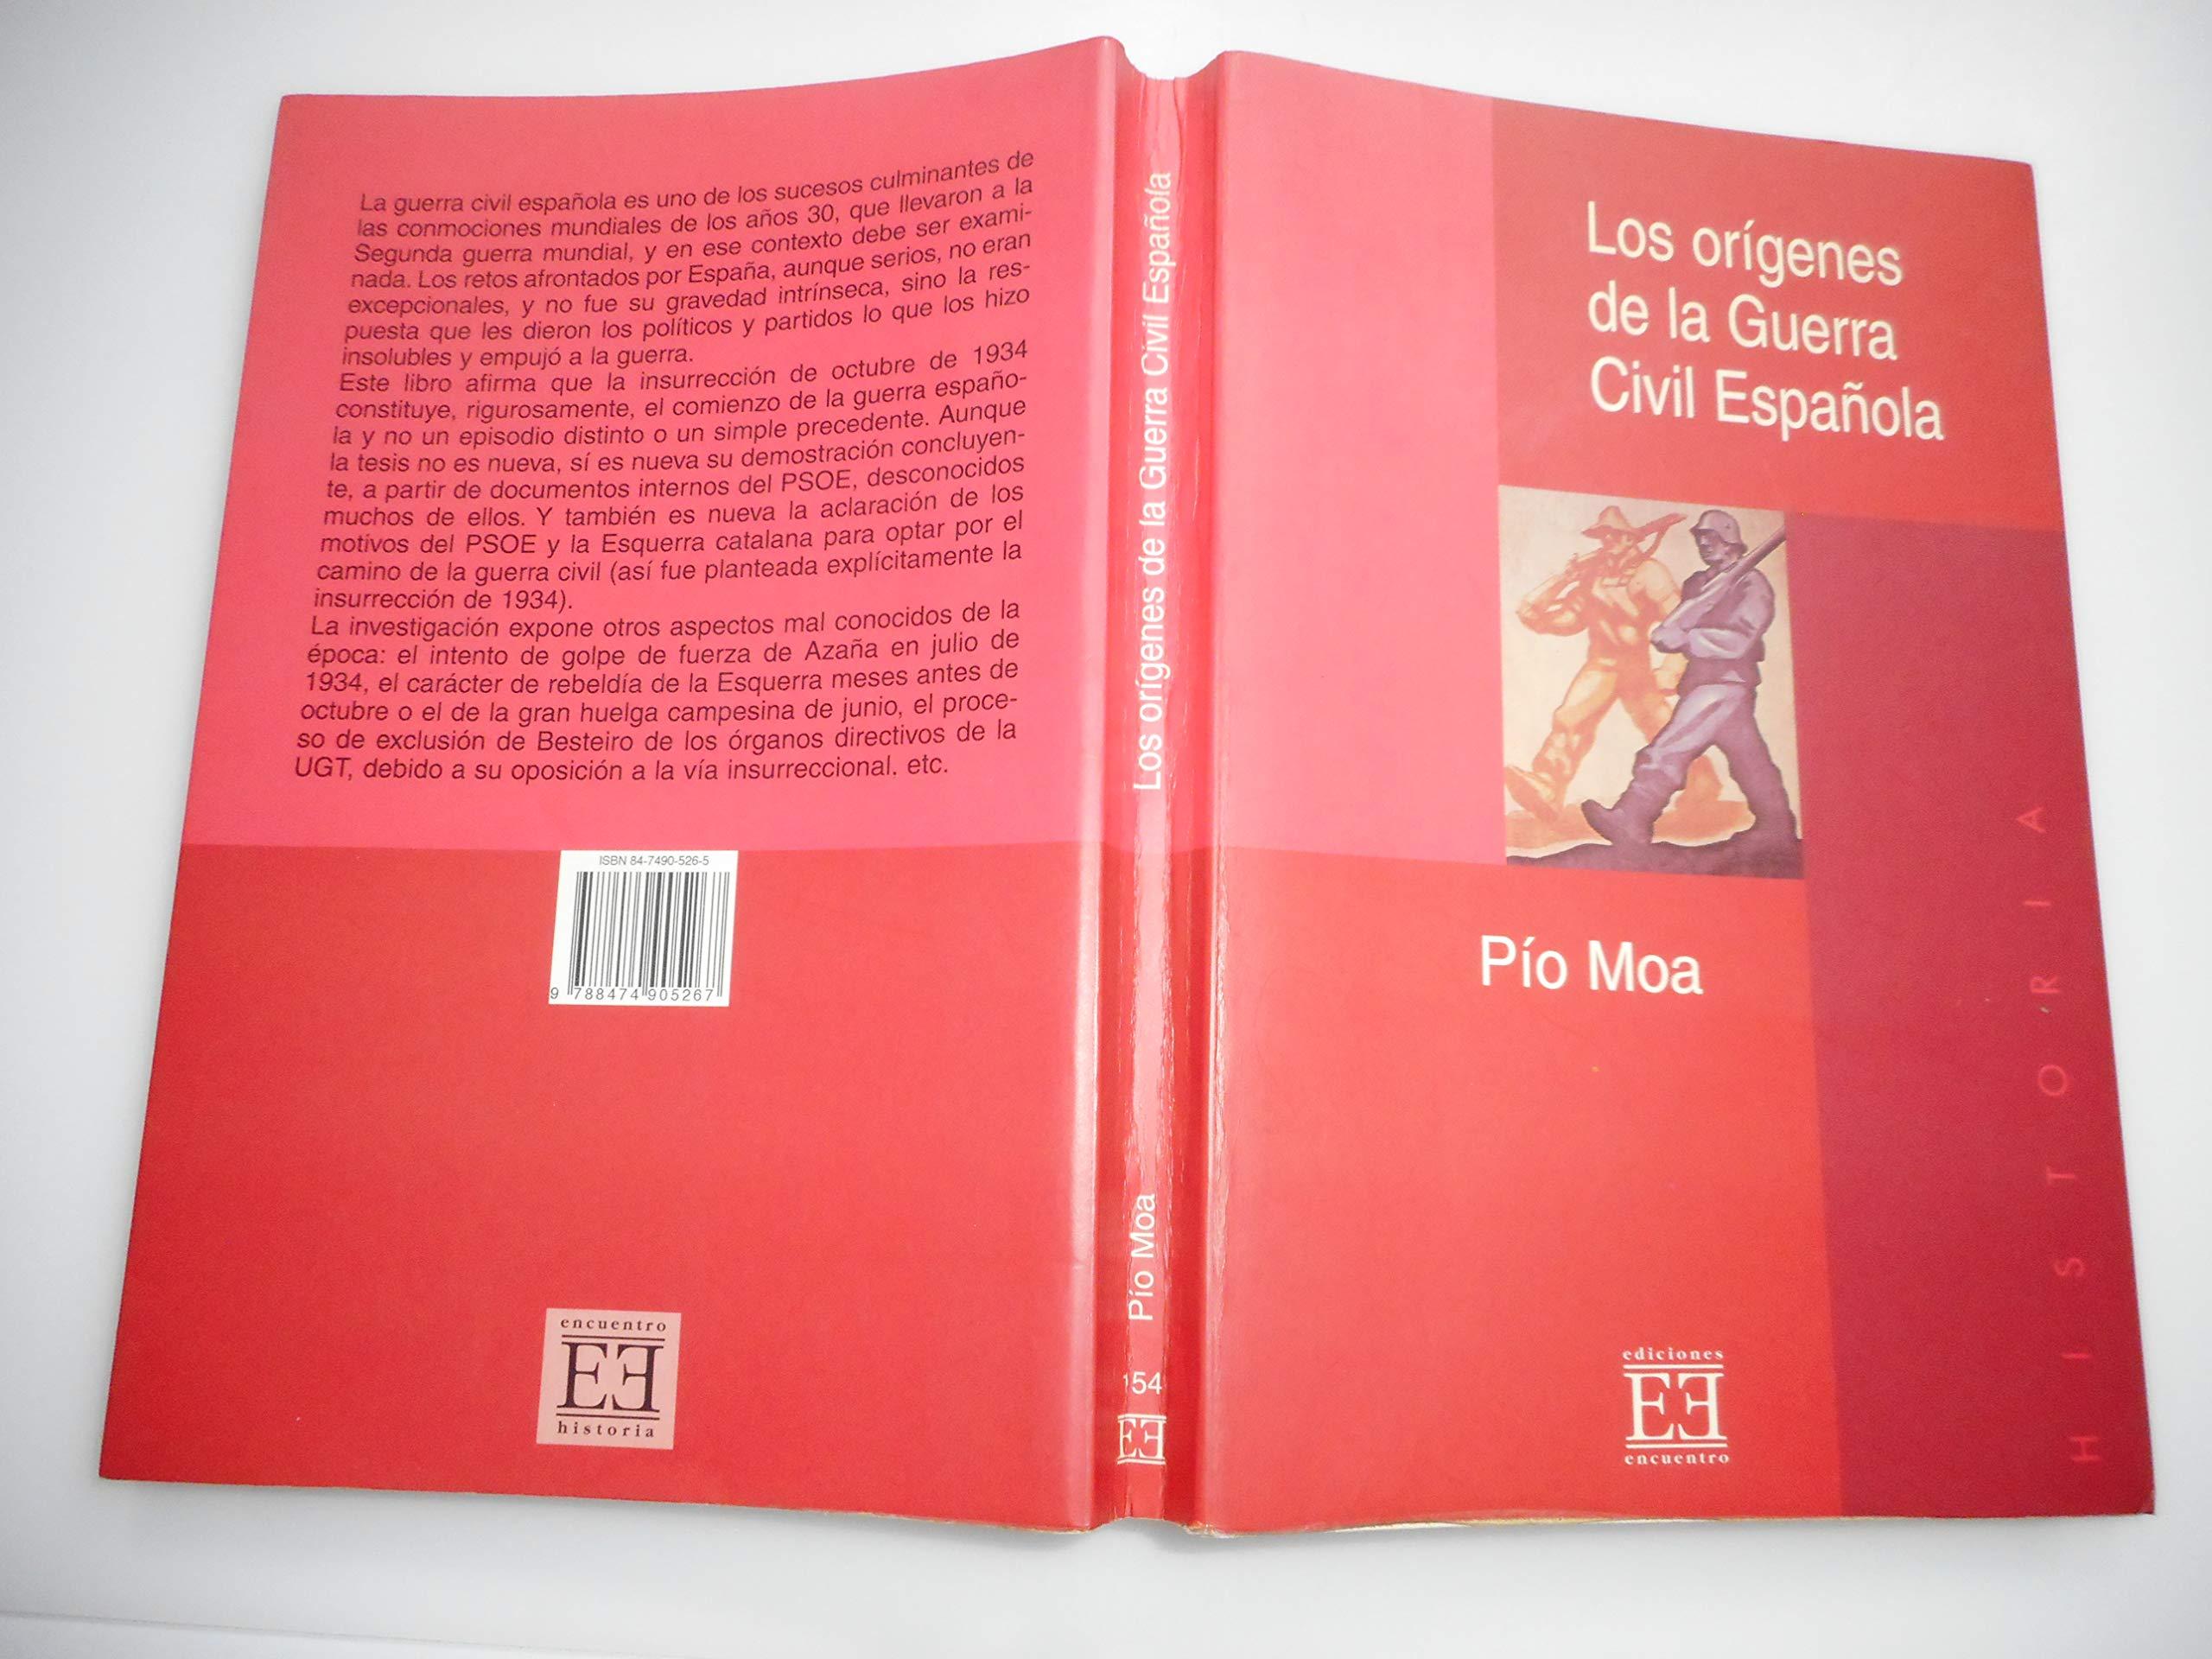 Los orígenes de la guerra civil española (Ensayo): Amazon.es: Moa Rodríguez, Pío Luis: Libros